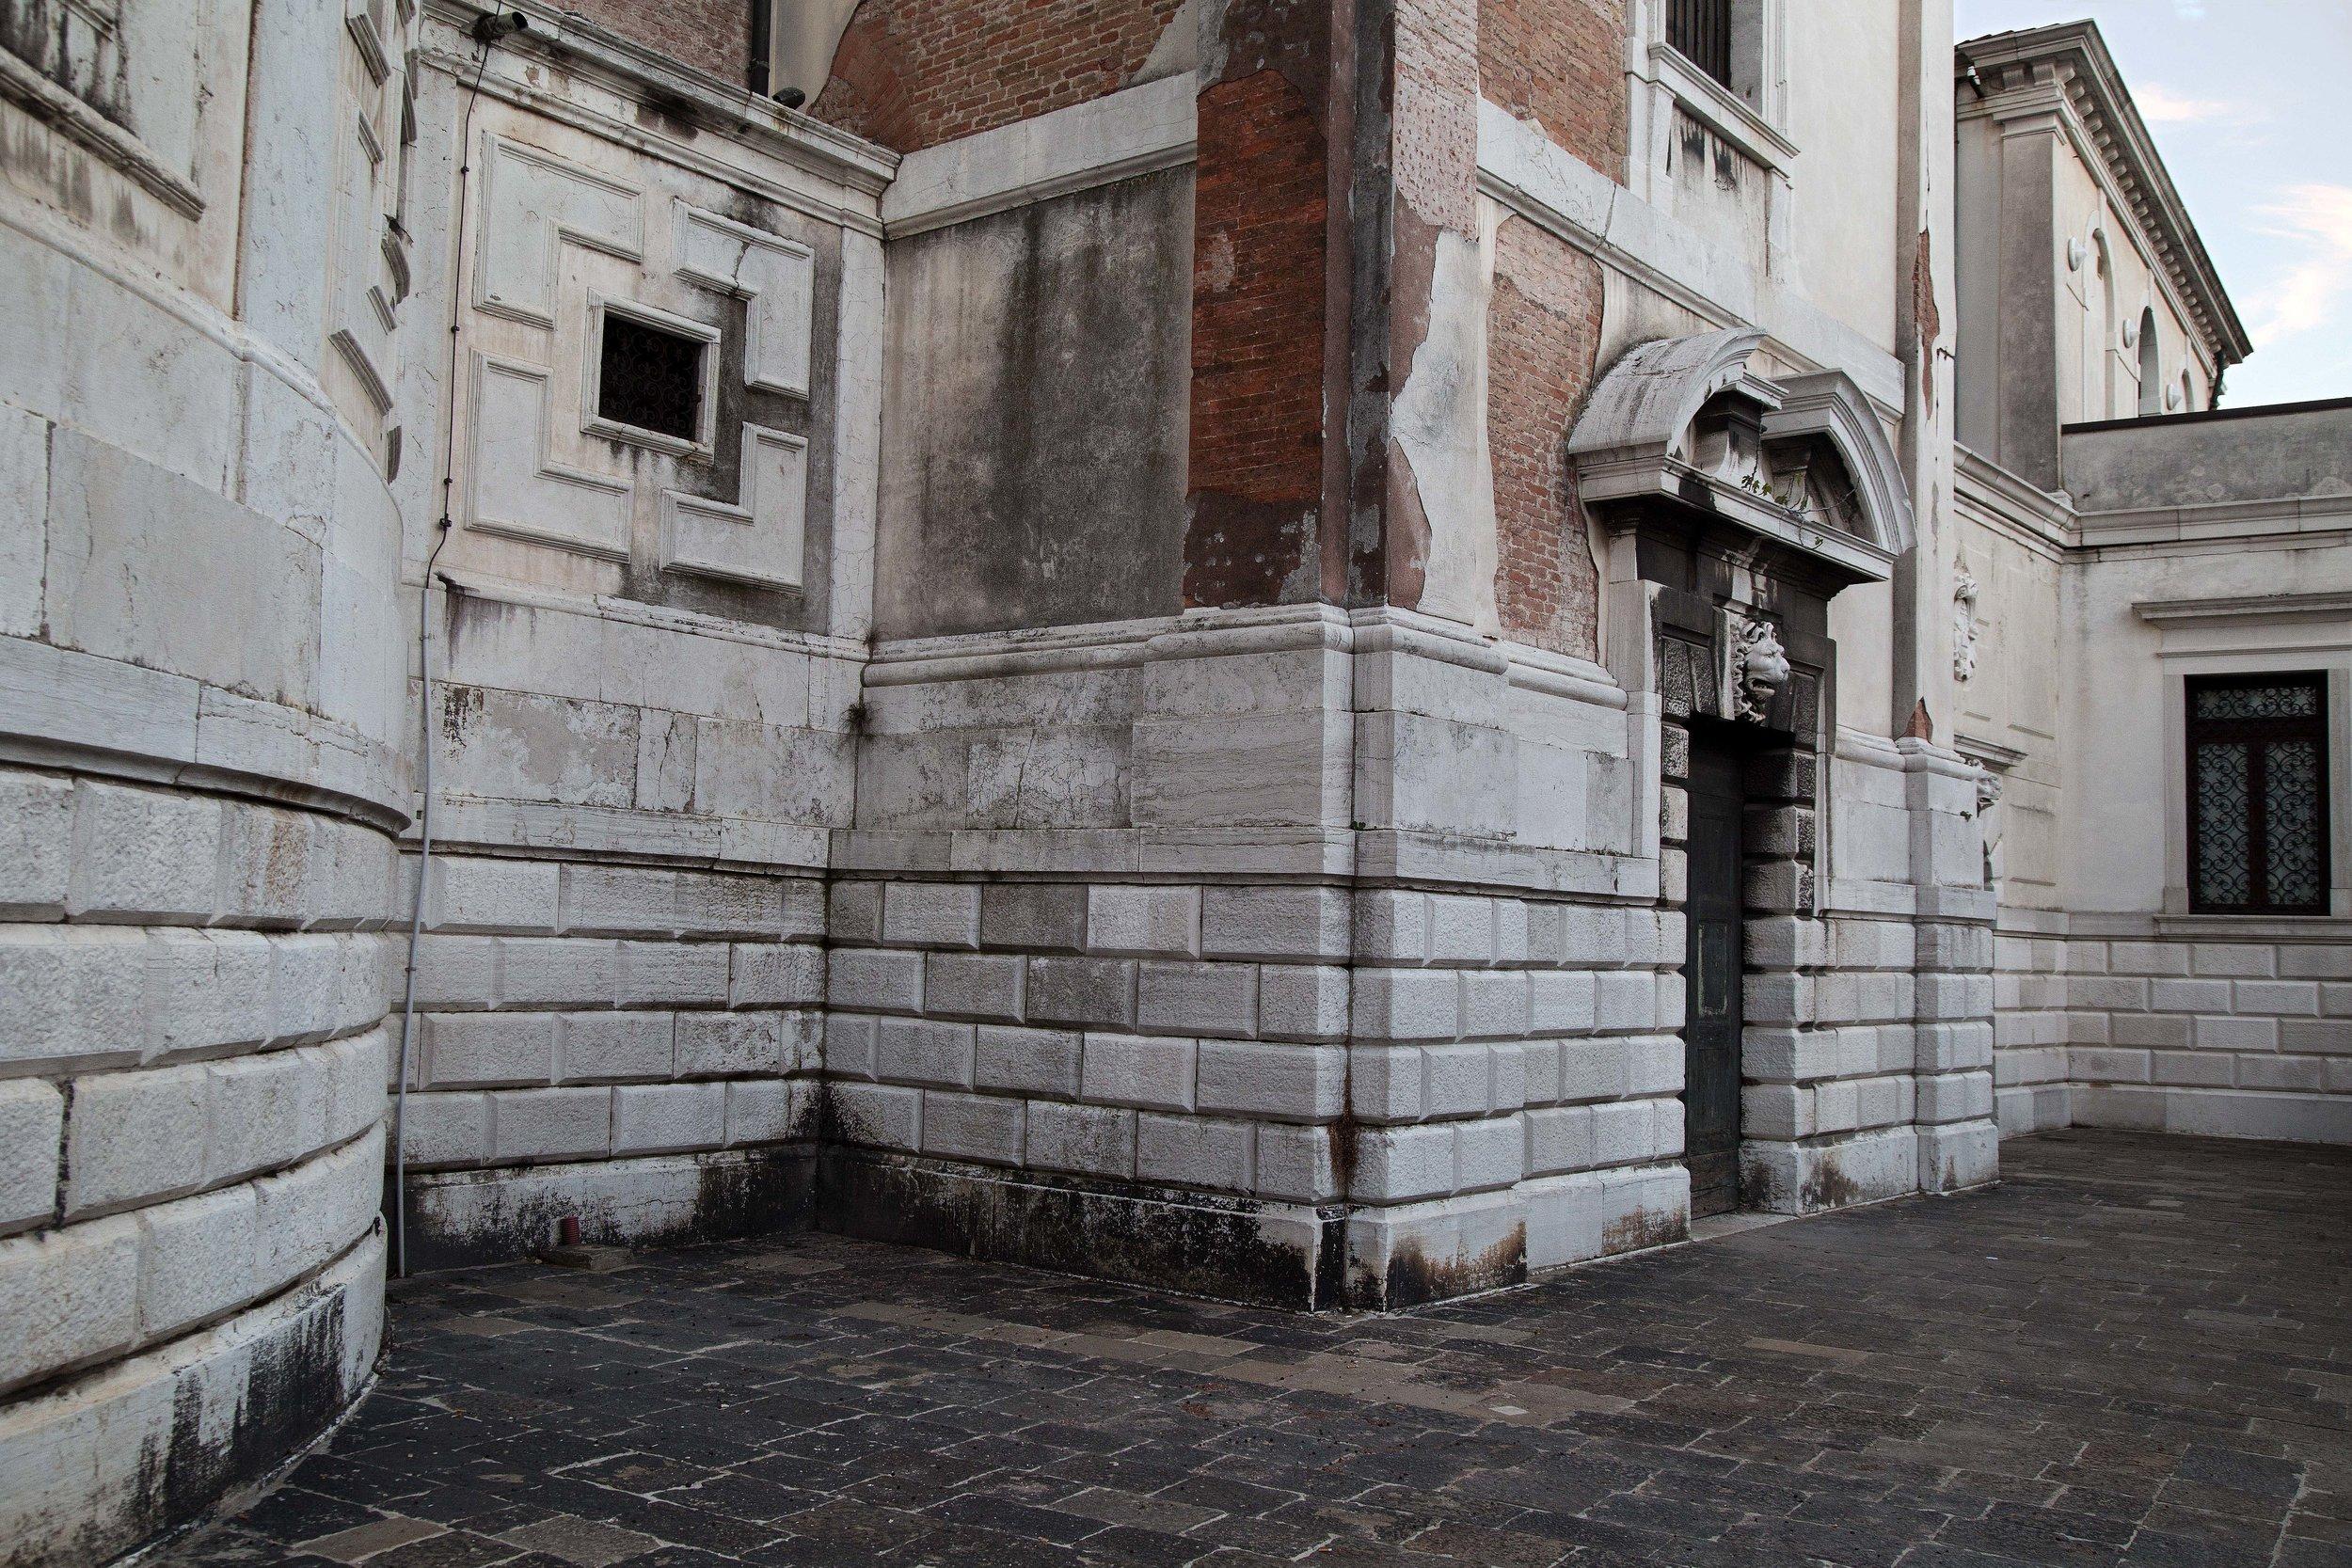 Santa Maria della Salute, Venice, Italy, 2014